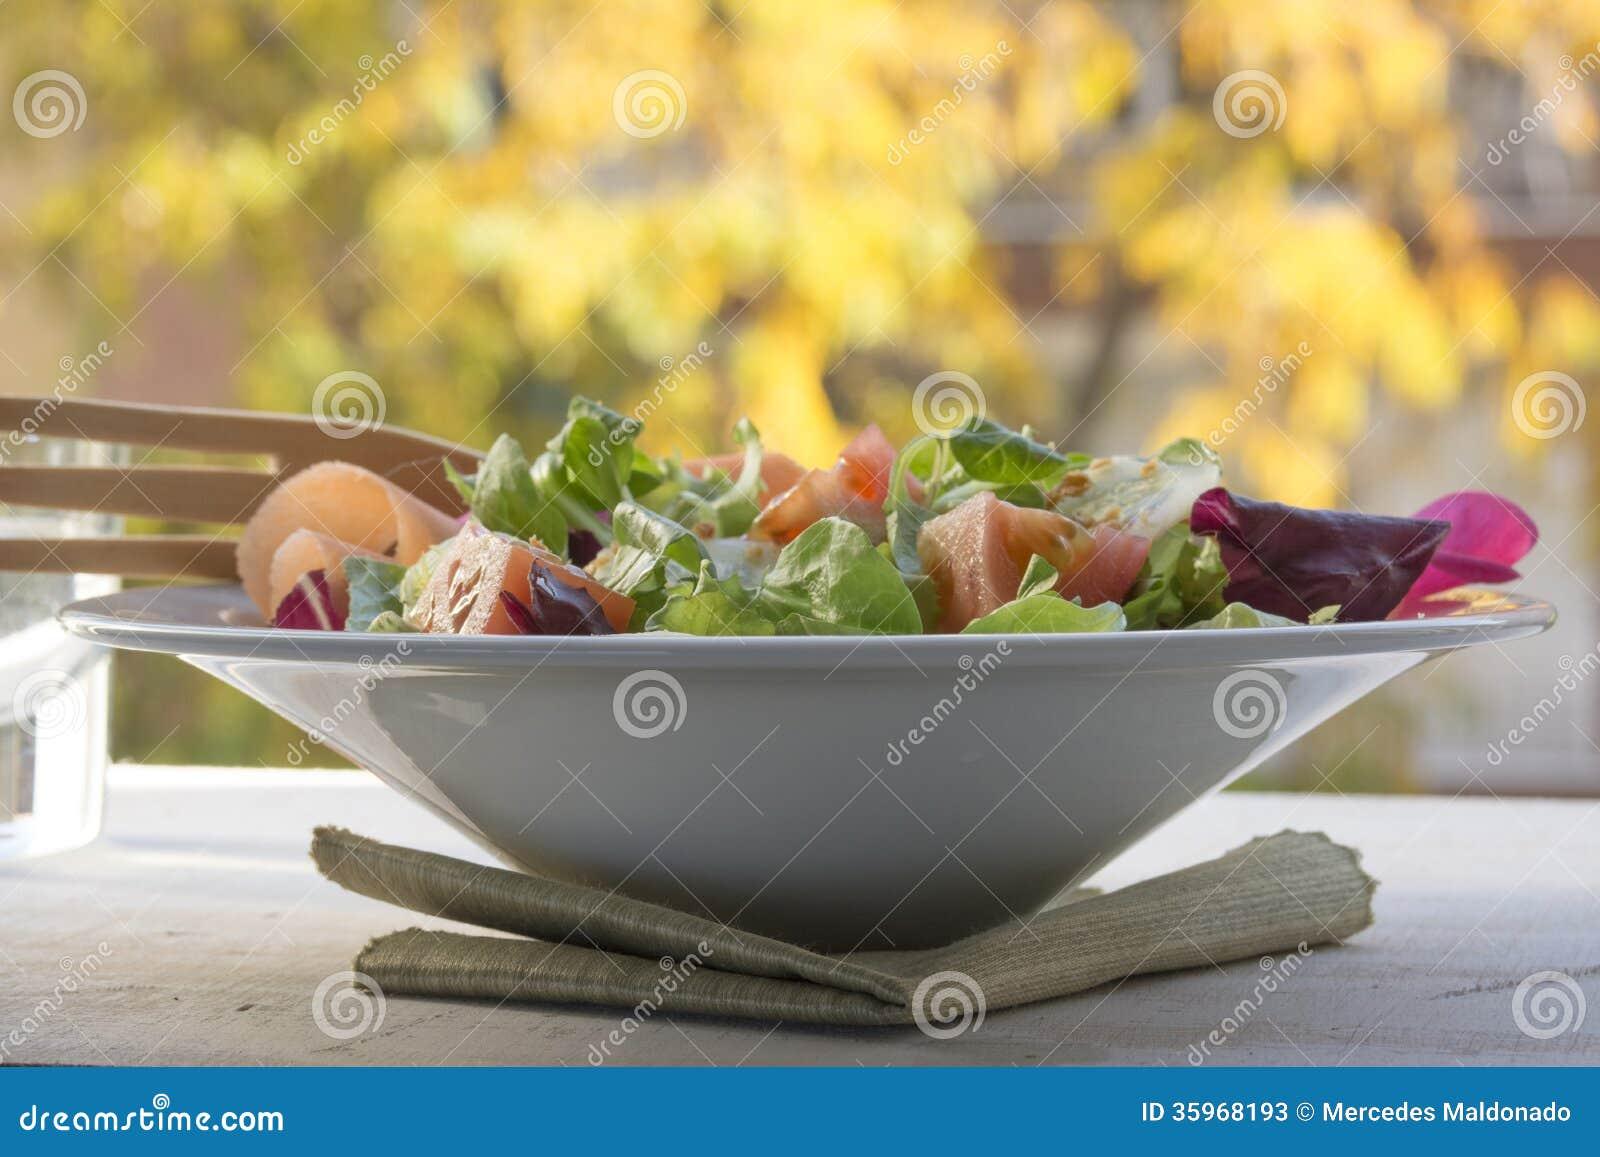 Verdes frescos de la ensalada, fondo del otoño